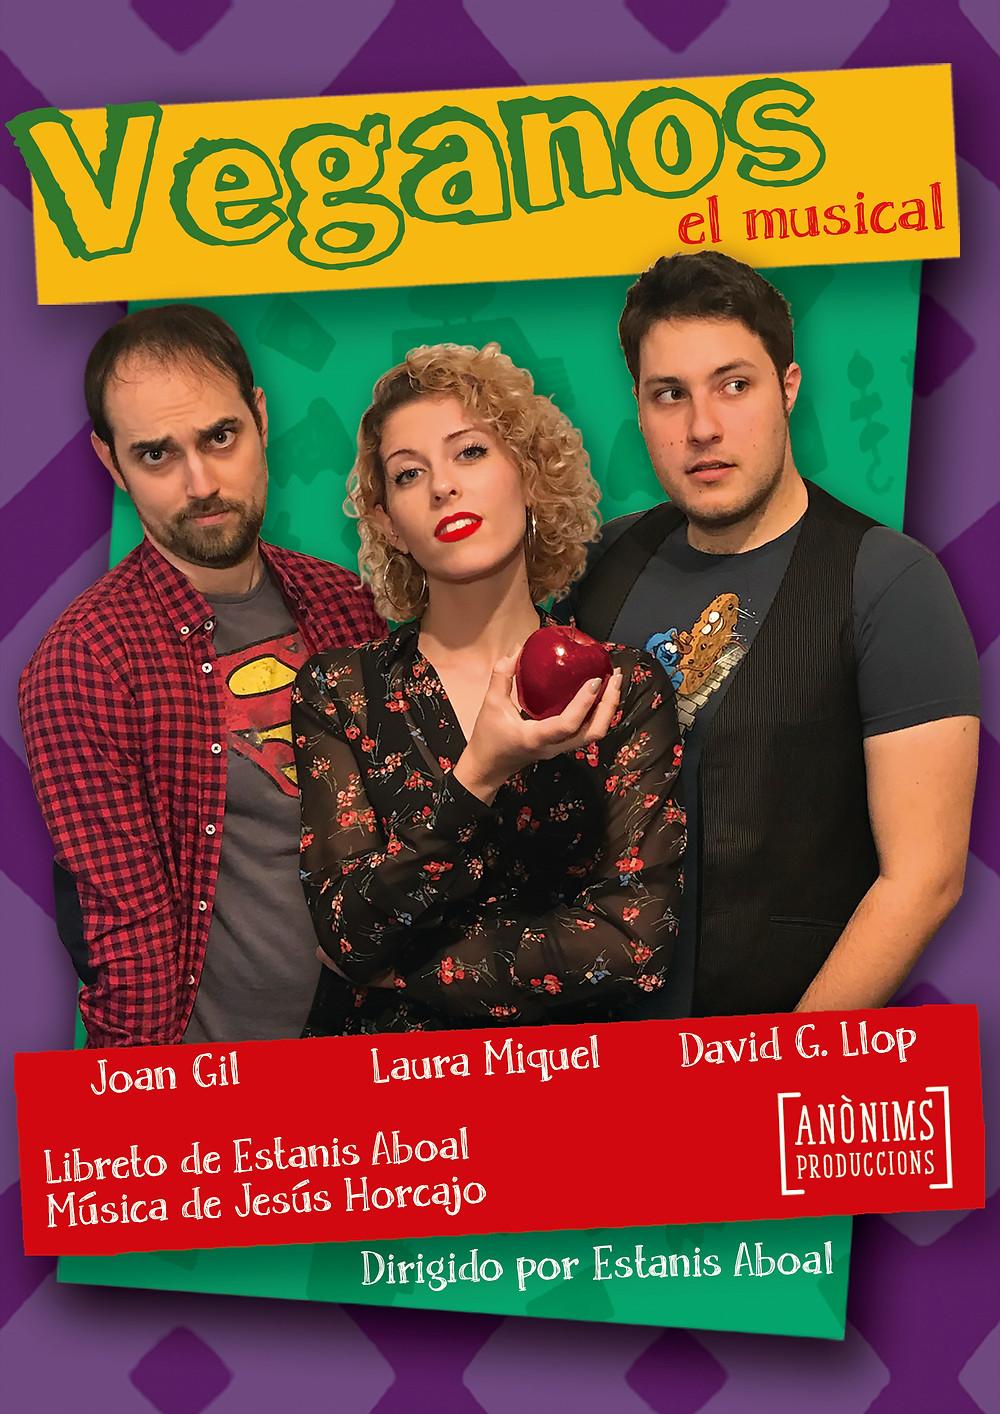 Veganos el musical estará en el Ars Teatre de Barcelona en castellano, a partir del 17 de enero, todos los Jueves a las 20:30h.